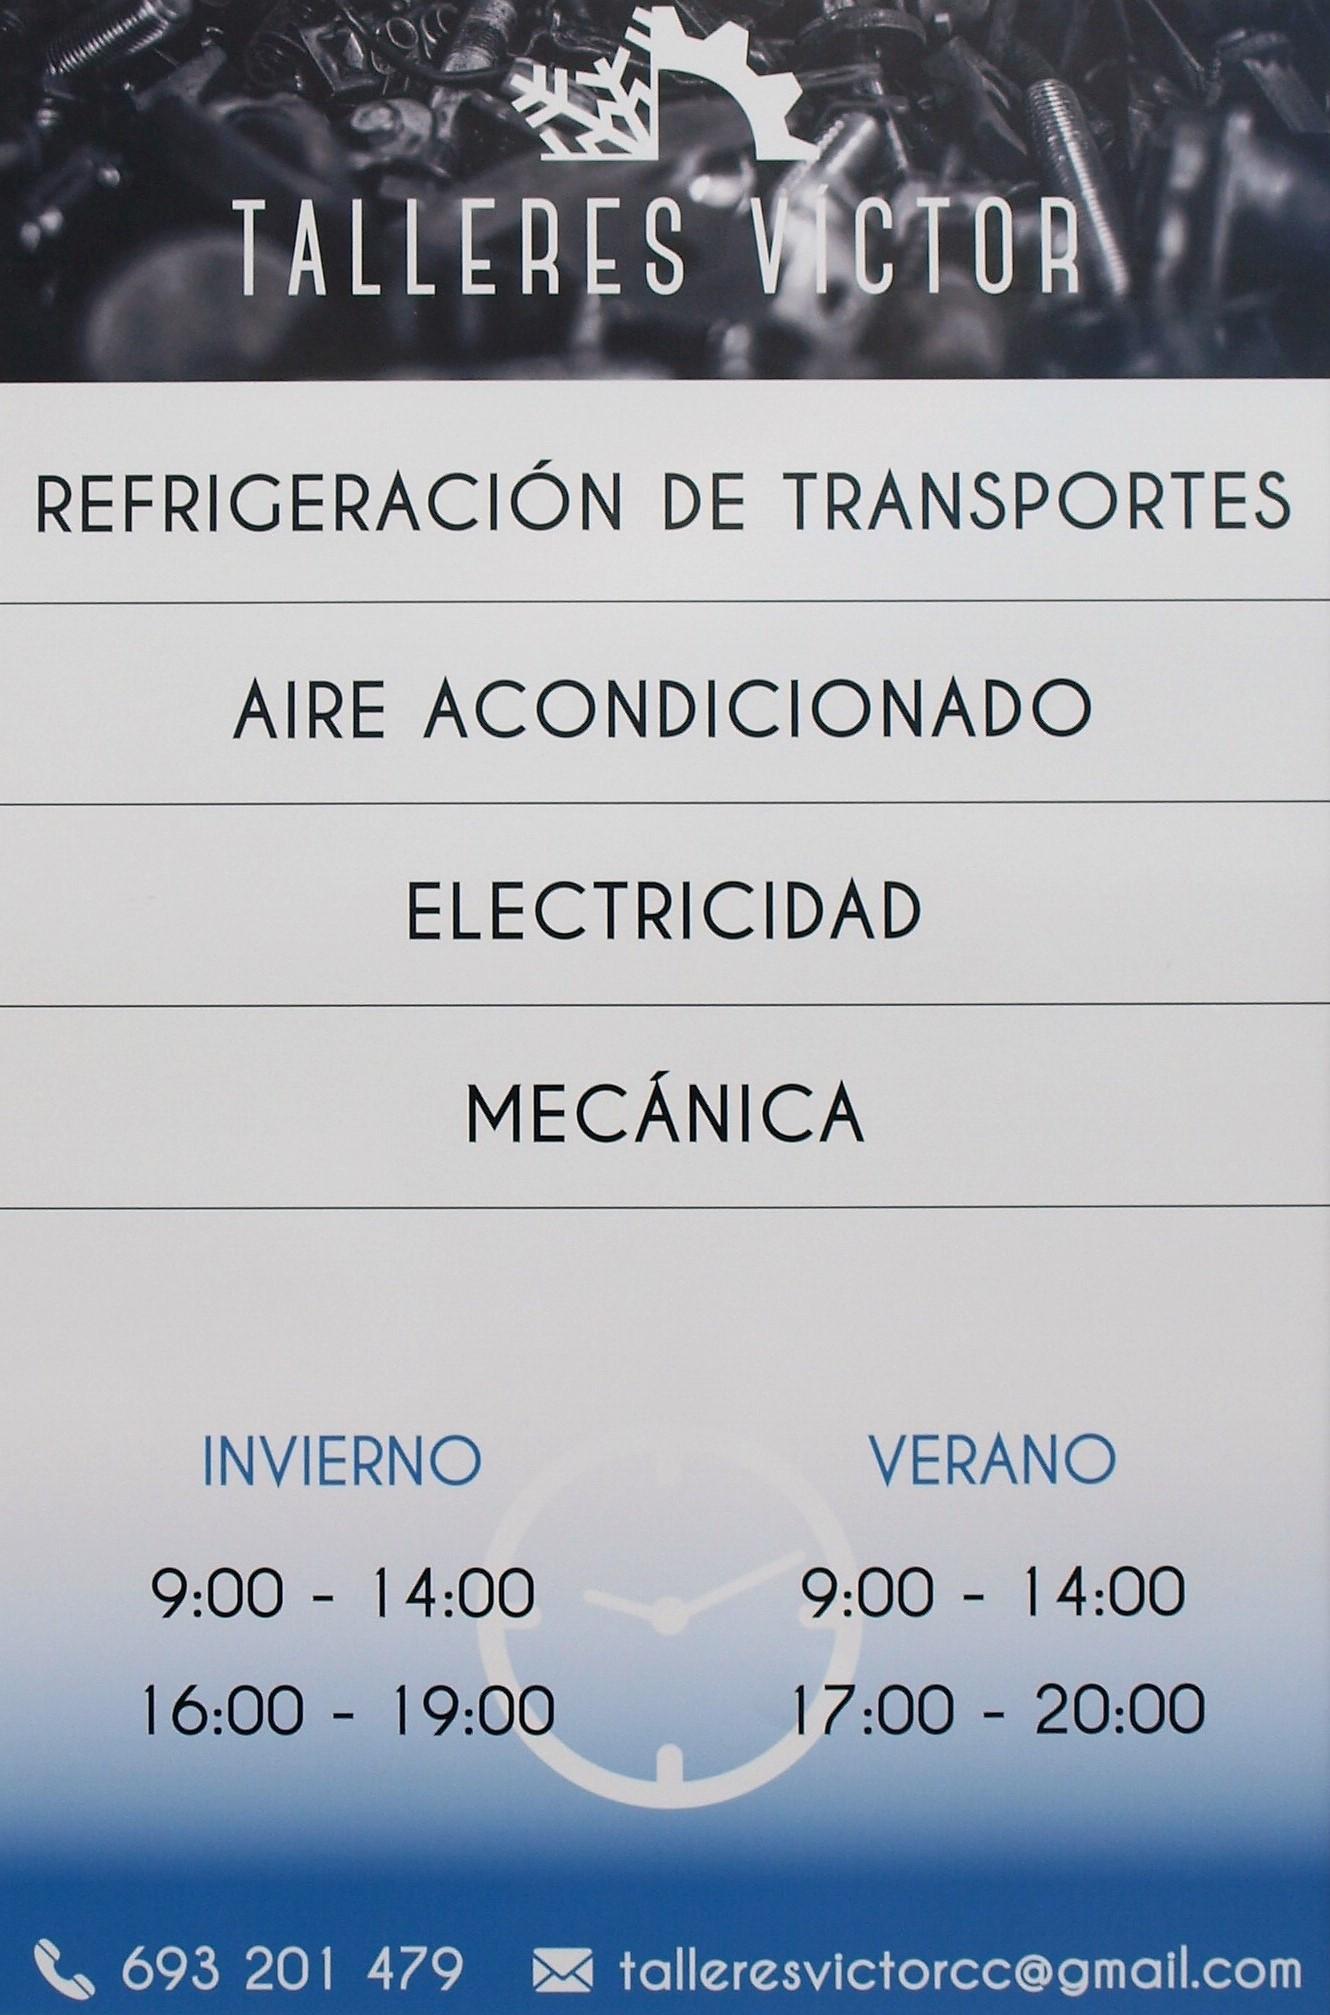 España Taller de mecánica general y refrigeración de transportes Cáceres Victor